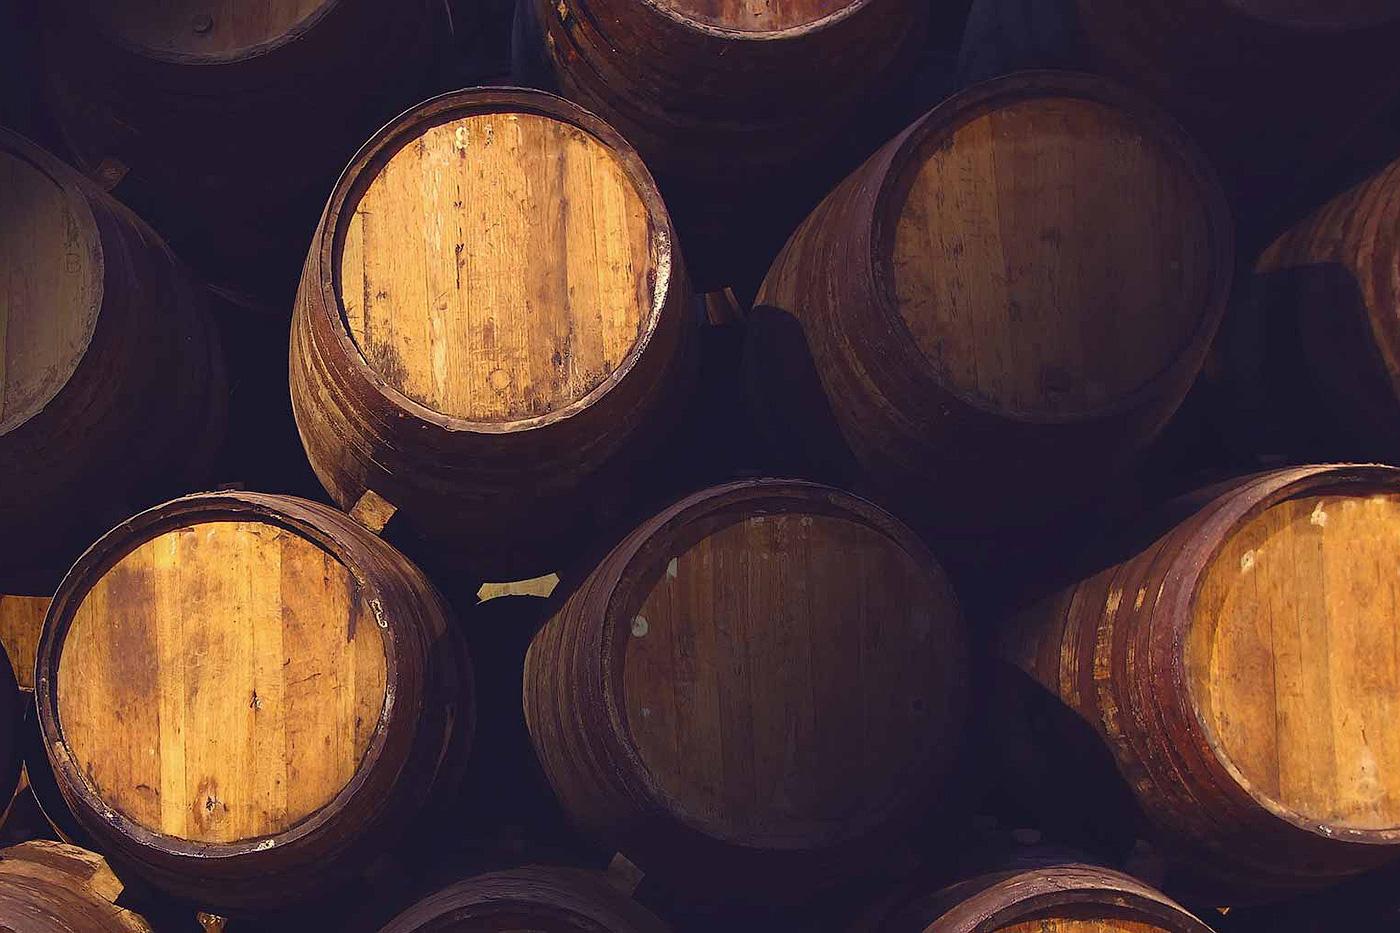 Забытое ремесло бондарей: как делают пивные бочки